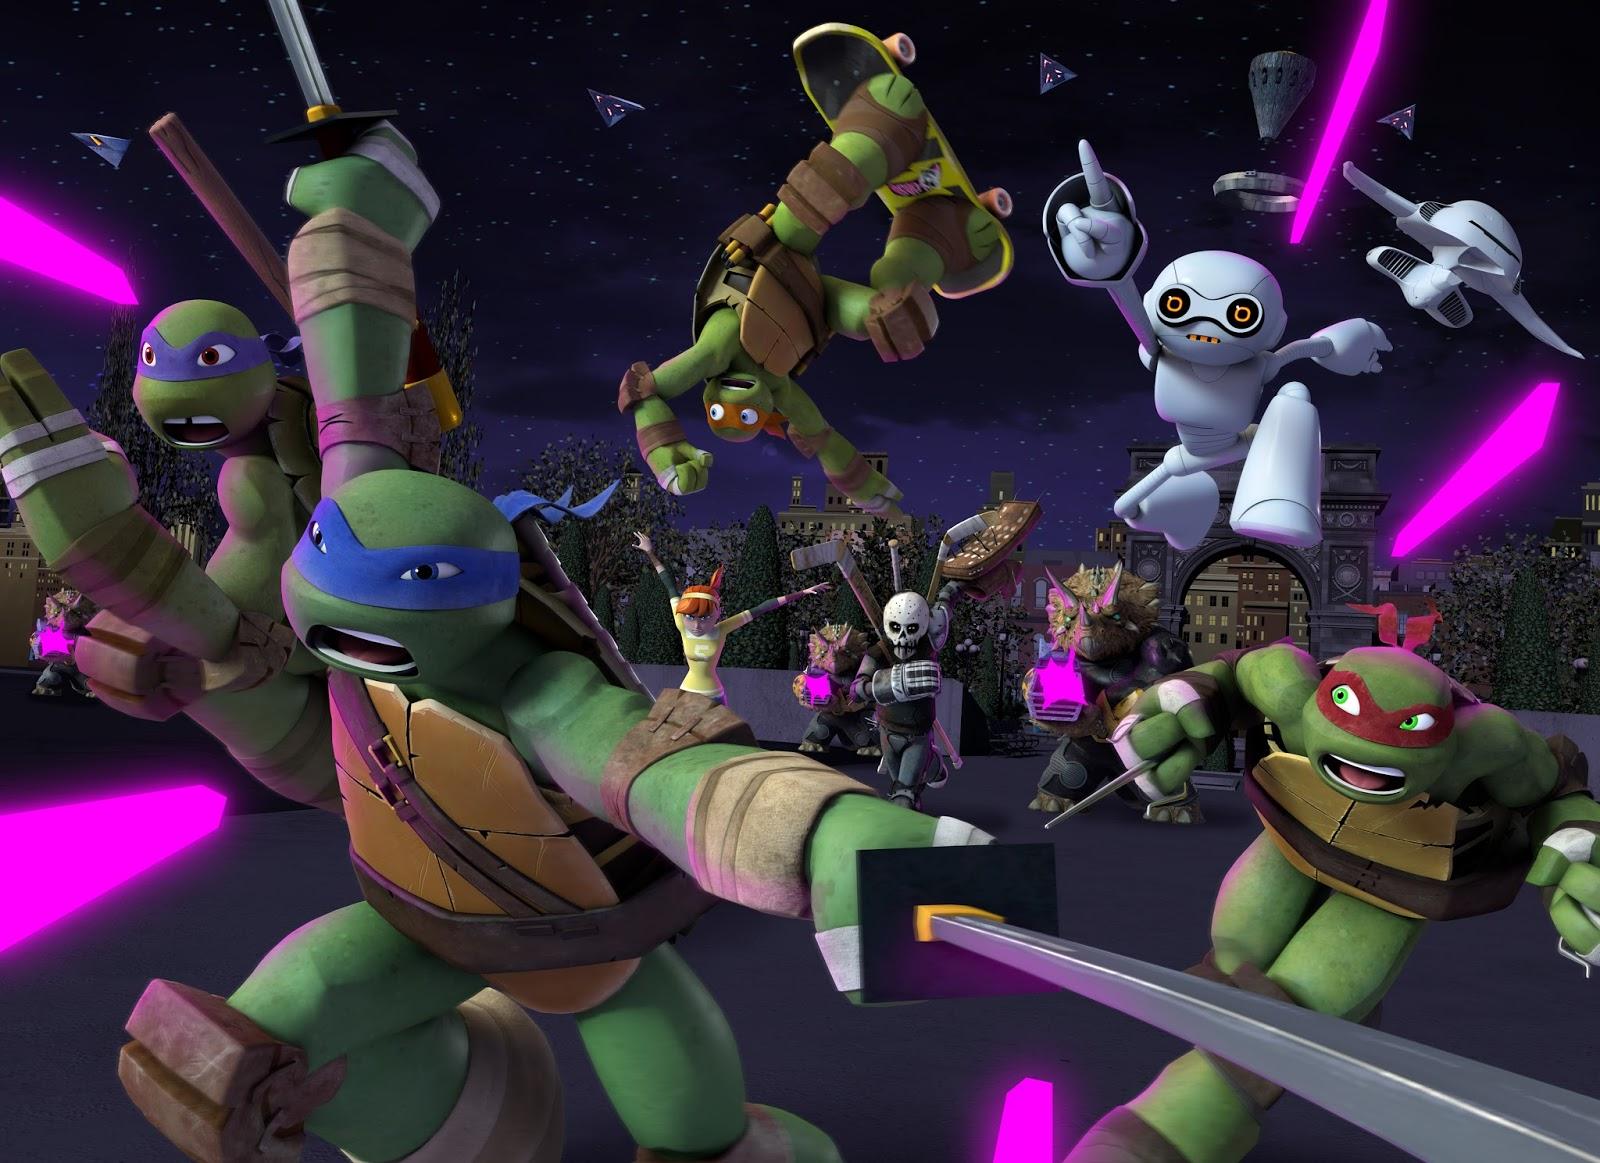 Nicktoons uk to premiere teenage mutant ninja turtles season 3 finale annihilation earth on saturday 17th october 2015